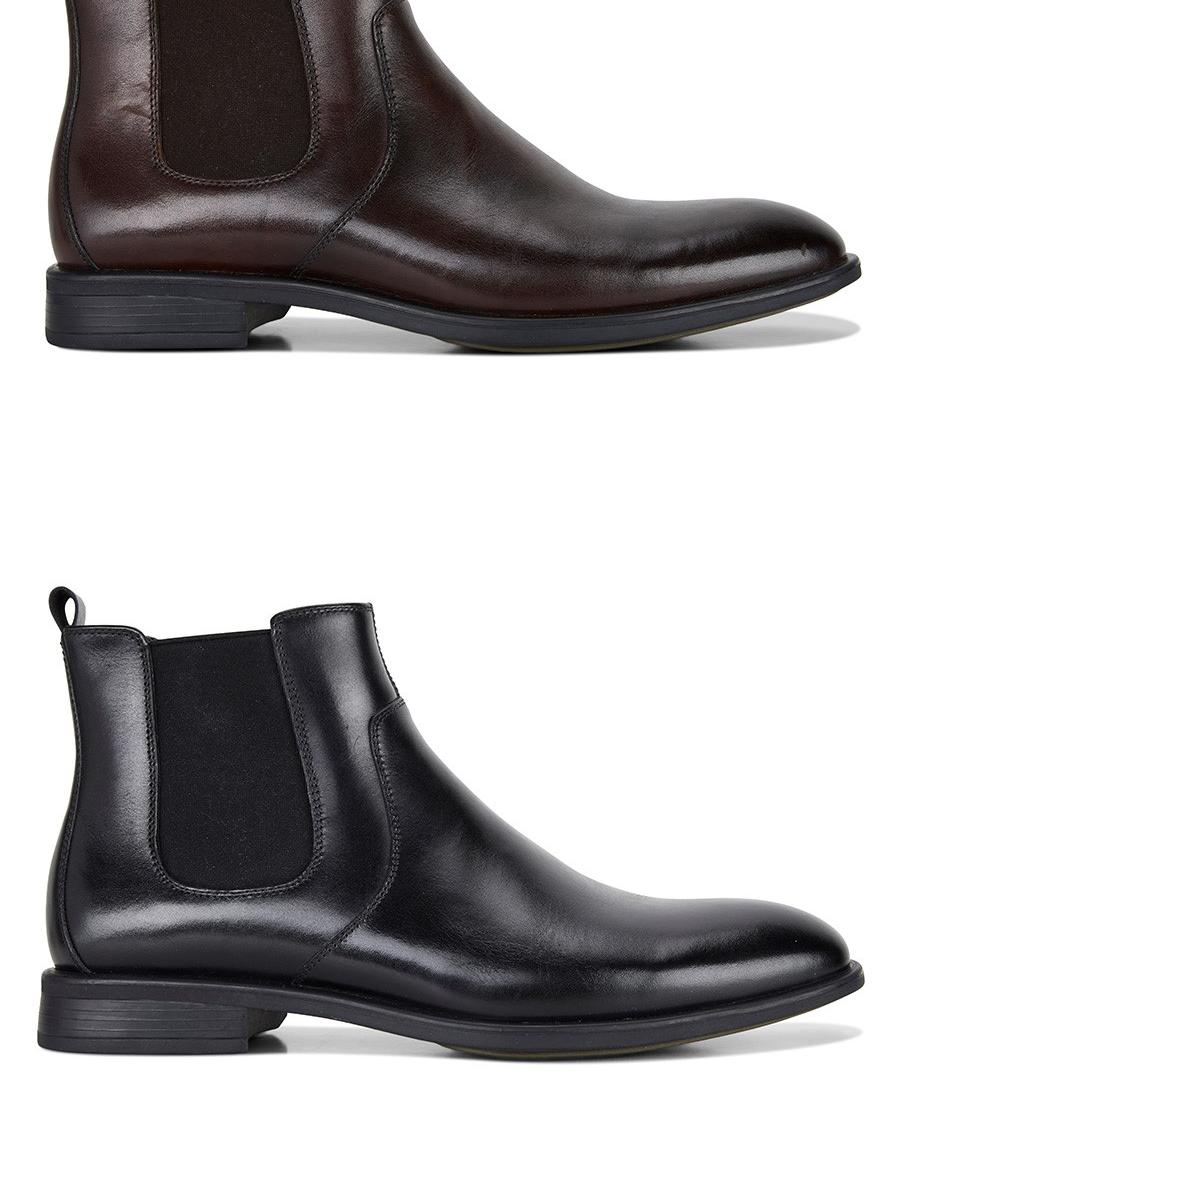 ordinare on-line Mens Julius Marlow Lifted Leather Pull On stivali stivali stivali nero Mocha Work Casual scarpe  consegna diretta e rapida in fabbrica